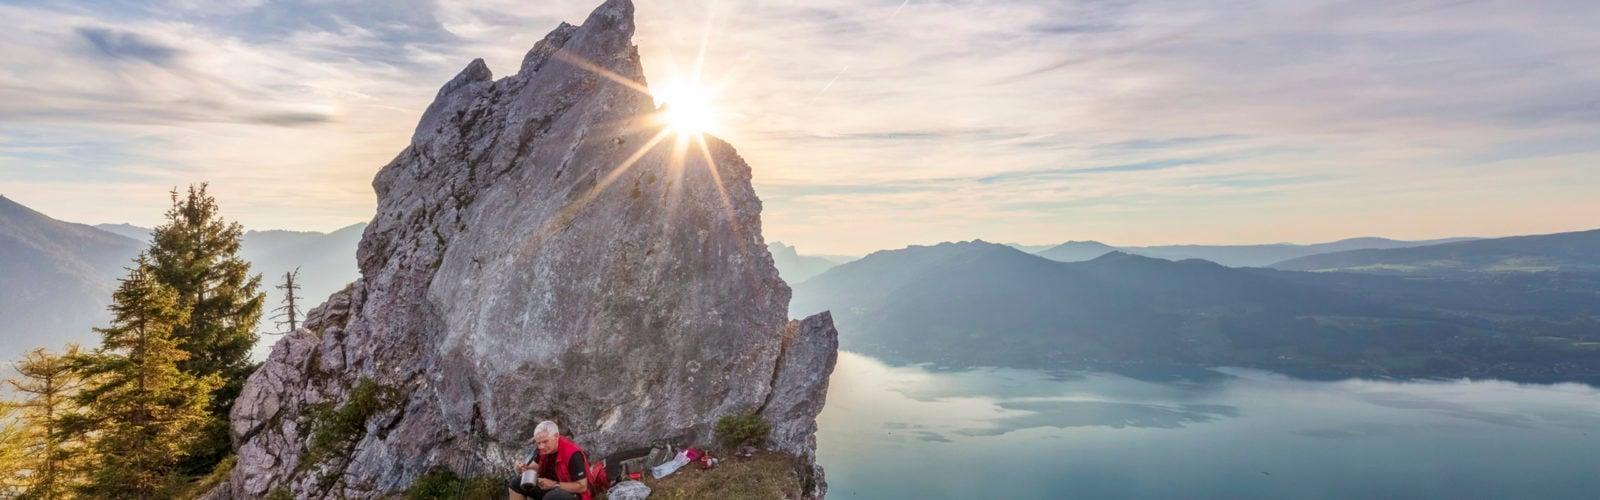 wolfgang-lake-hiker-austria